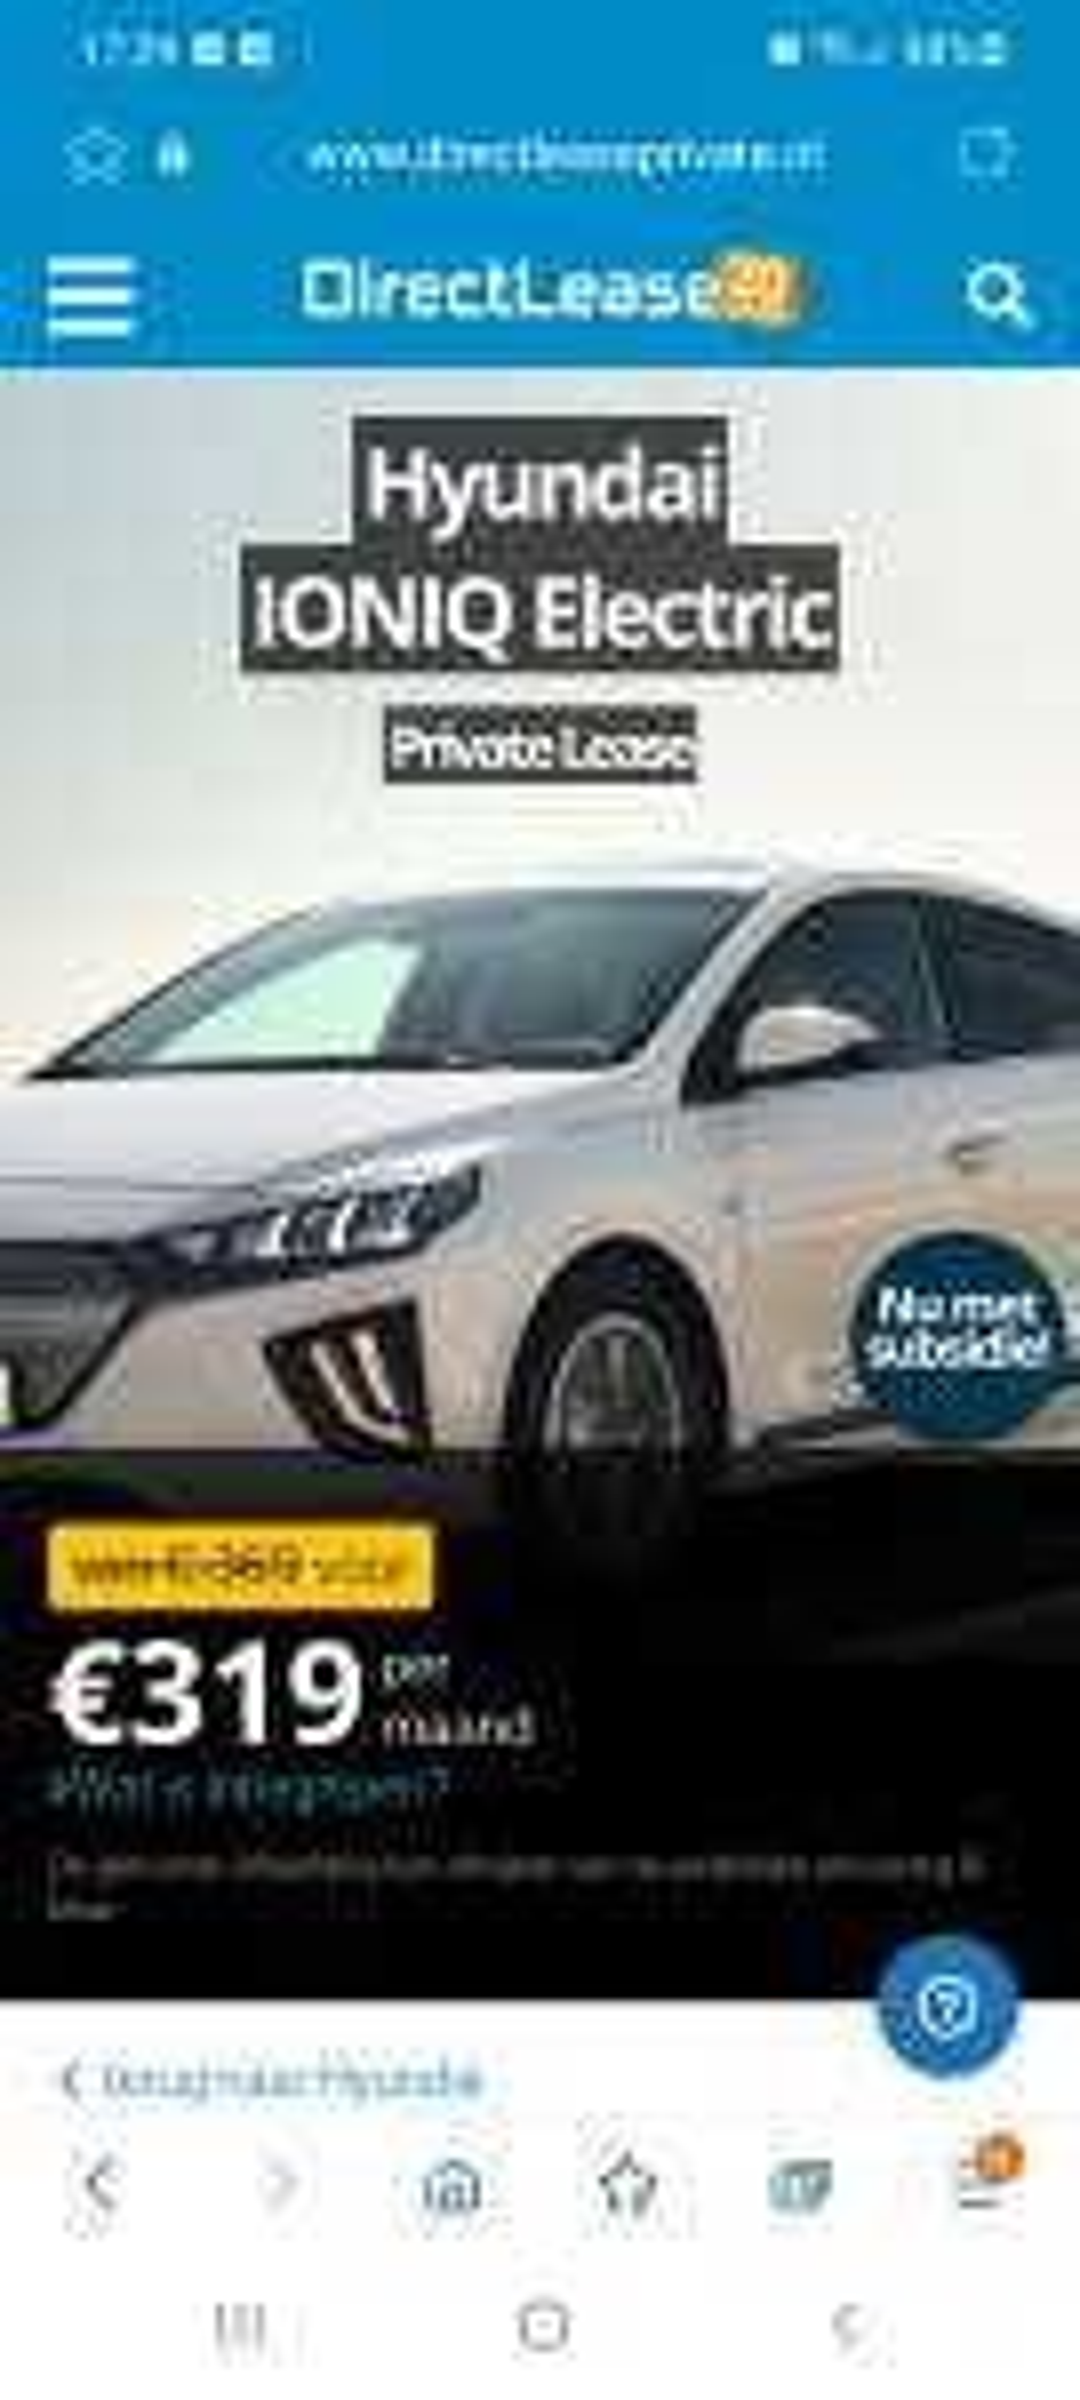 Private lease Hyundai Ioniq Electric 319 euro